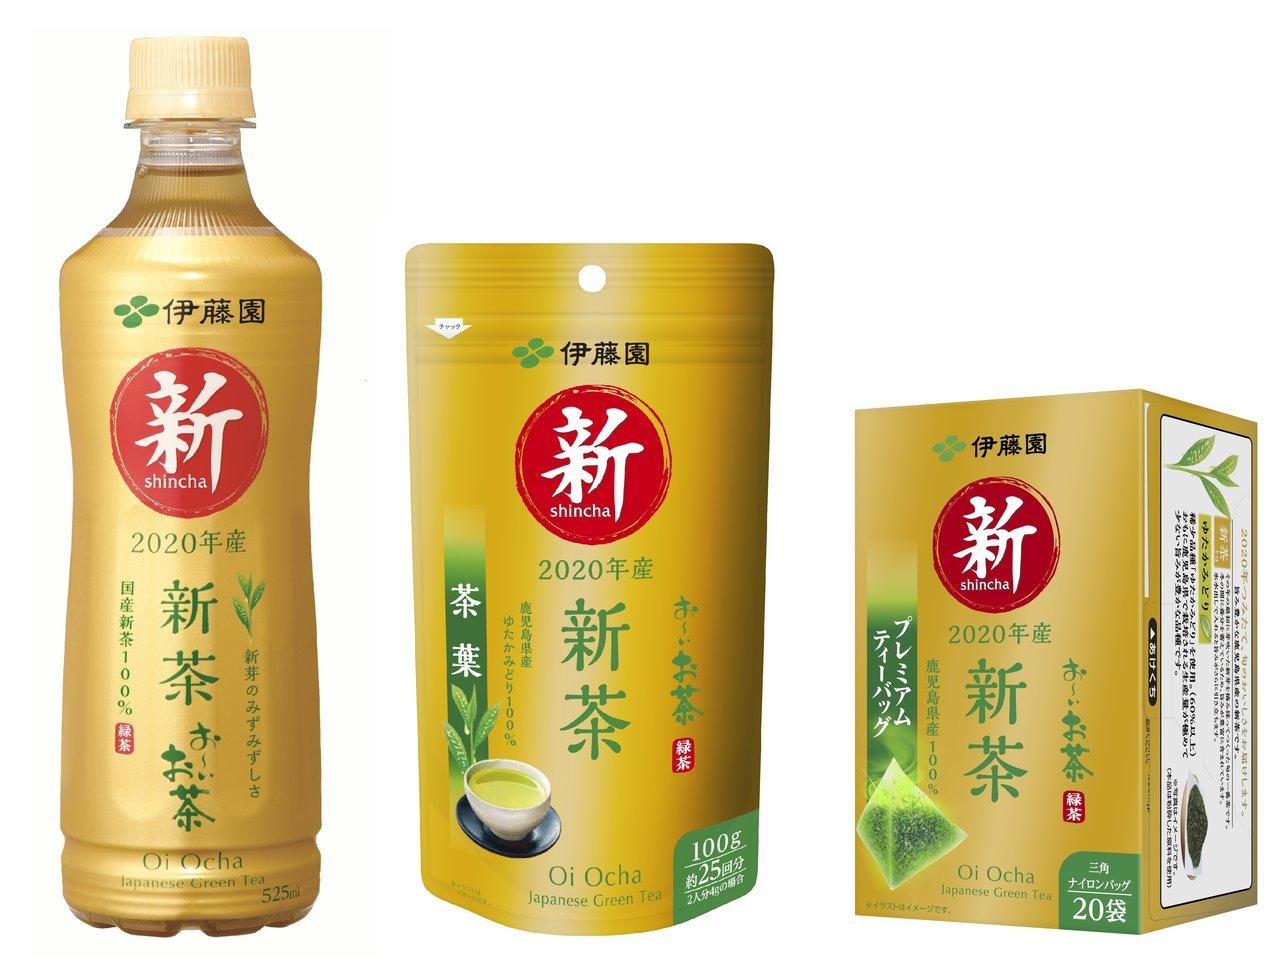 この時期『旬』の味わい!初摘みの新茶のみずみずしい旨み「お~いお茶 新茶(ドリンク製品、リーフ製品)」発売。